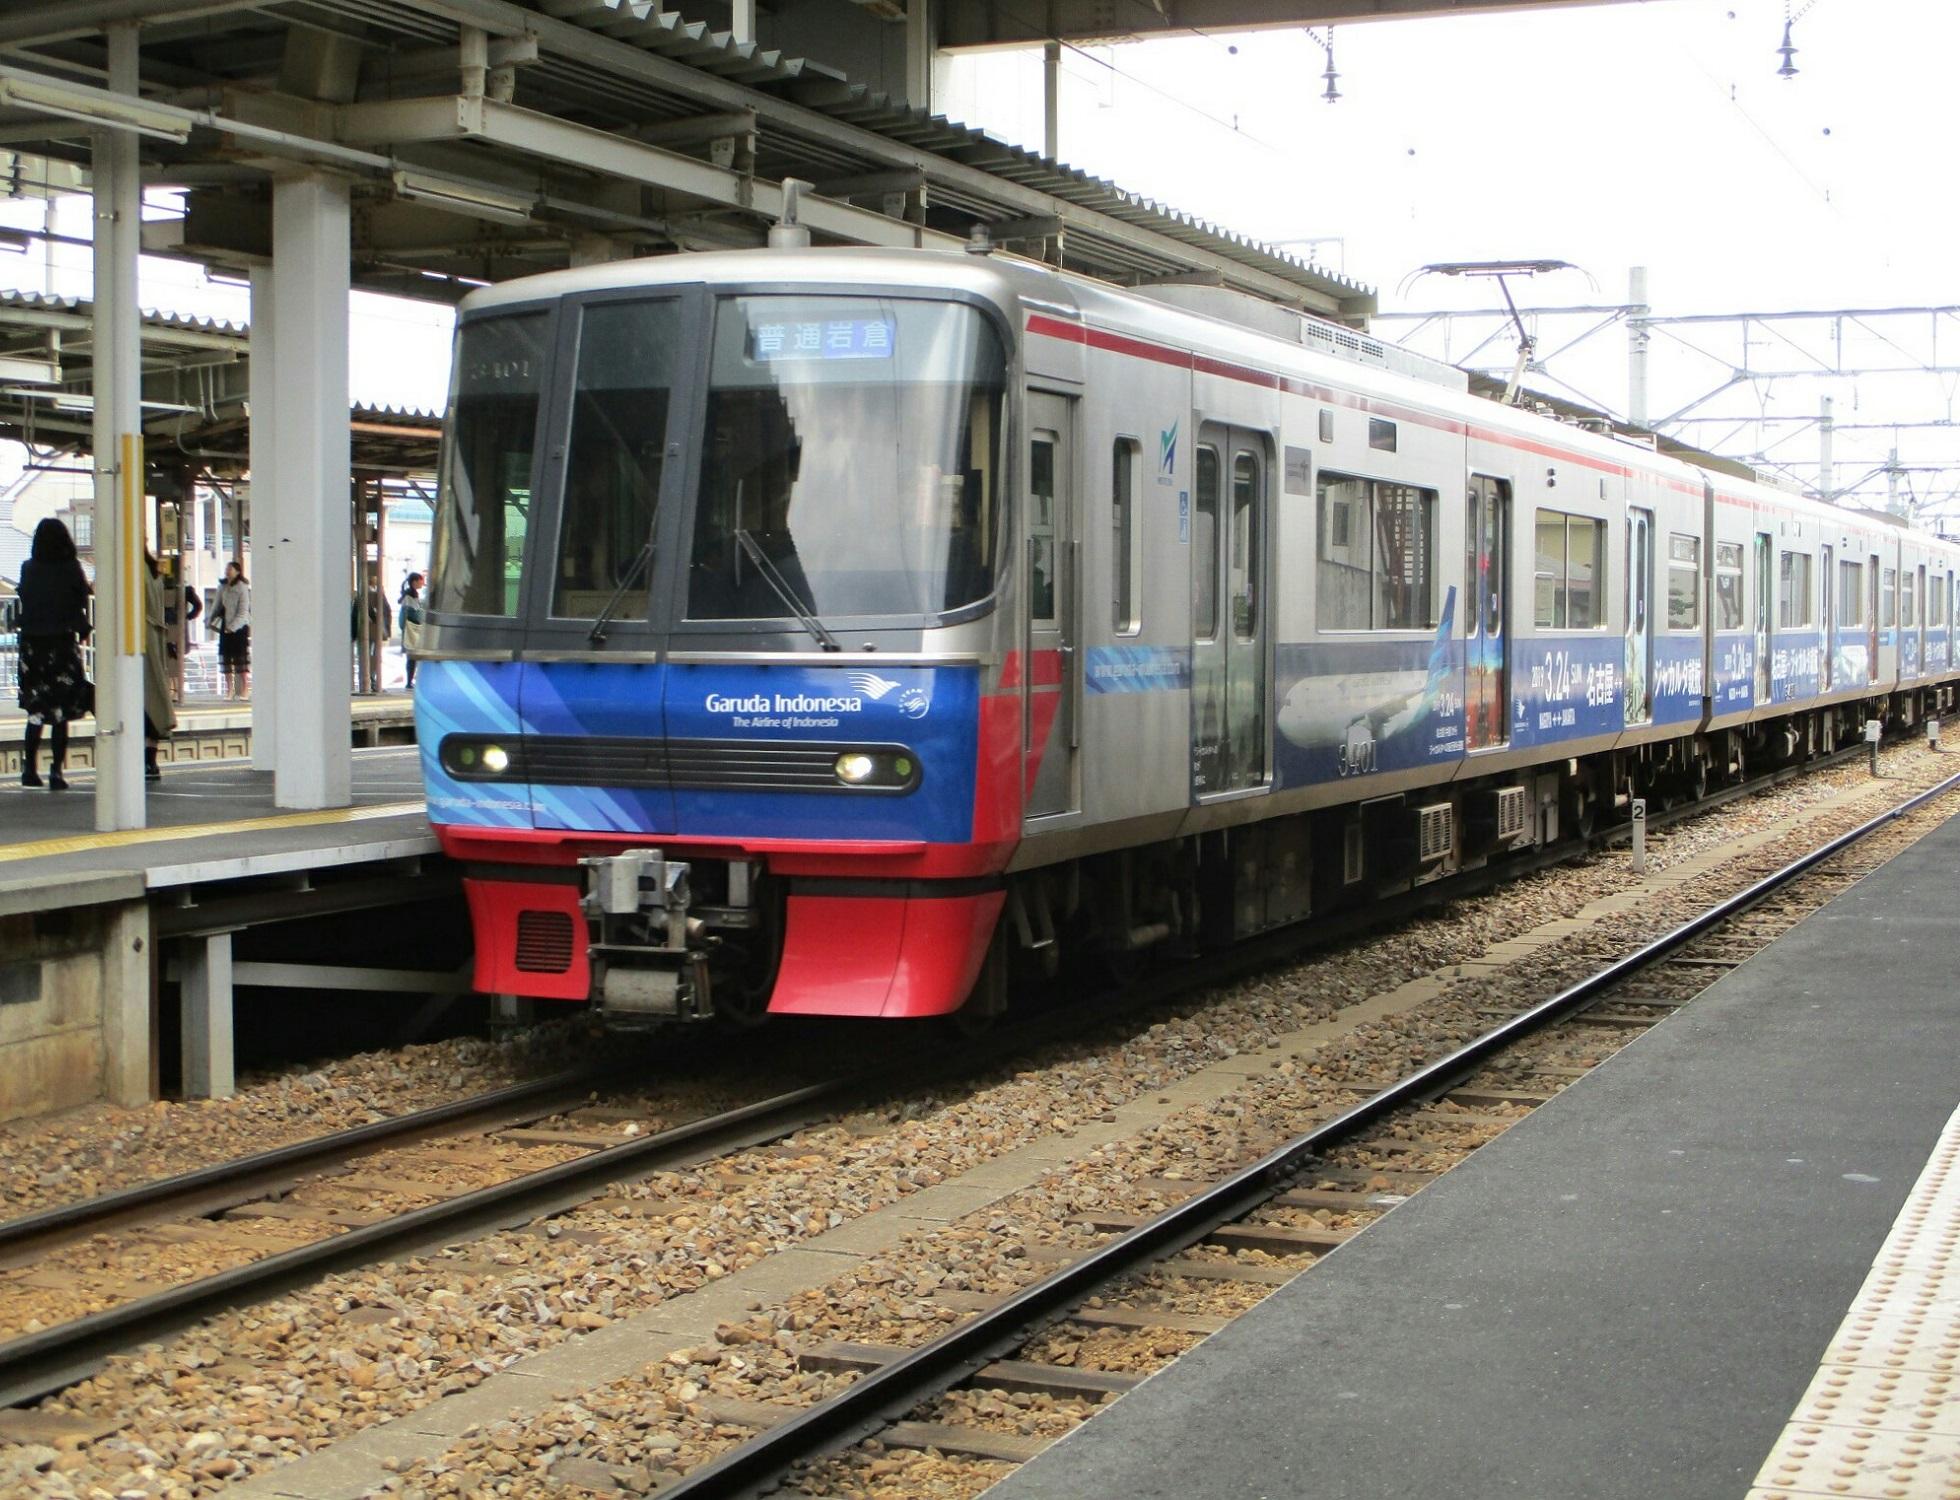 2019.3.31 (9) しんあんじょう - 岩倉いきふつう 1960-1500